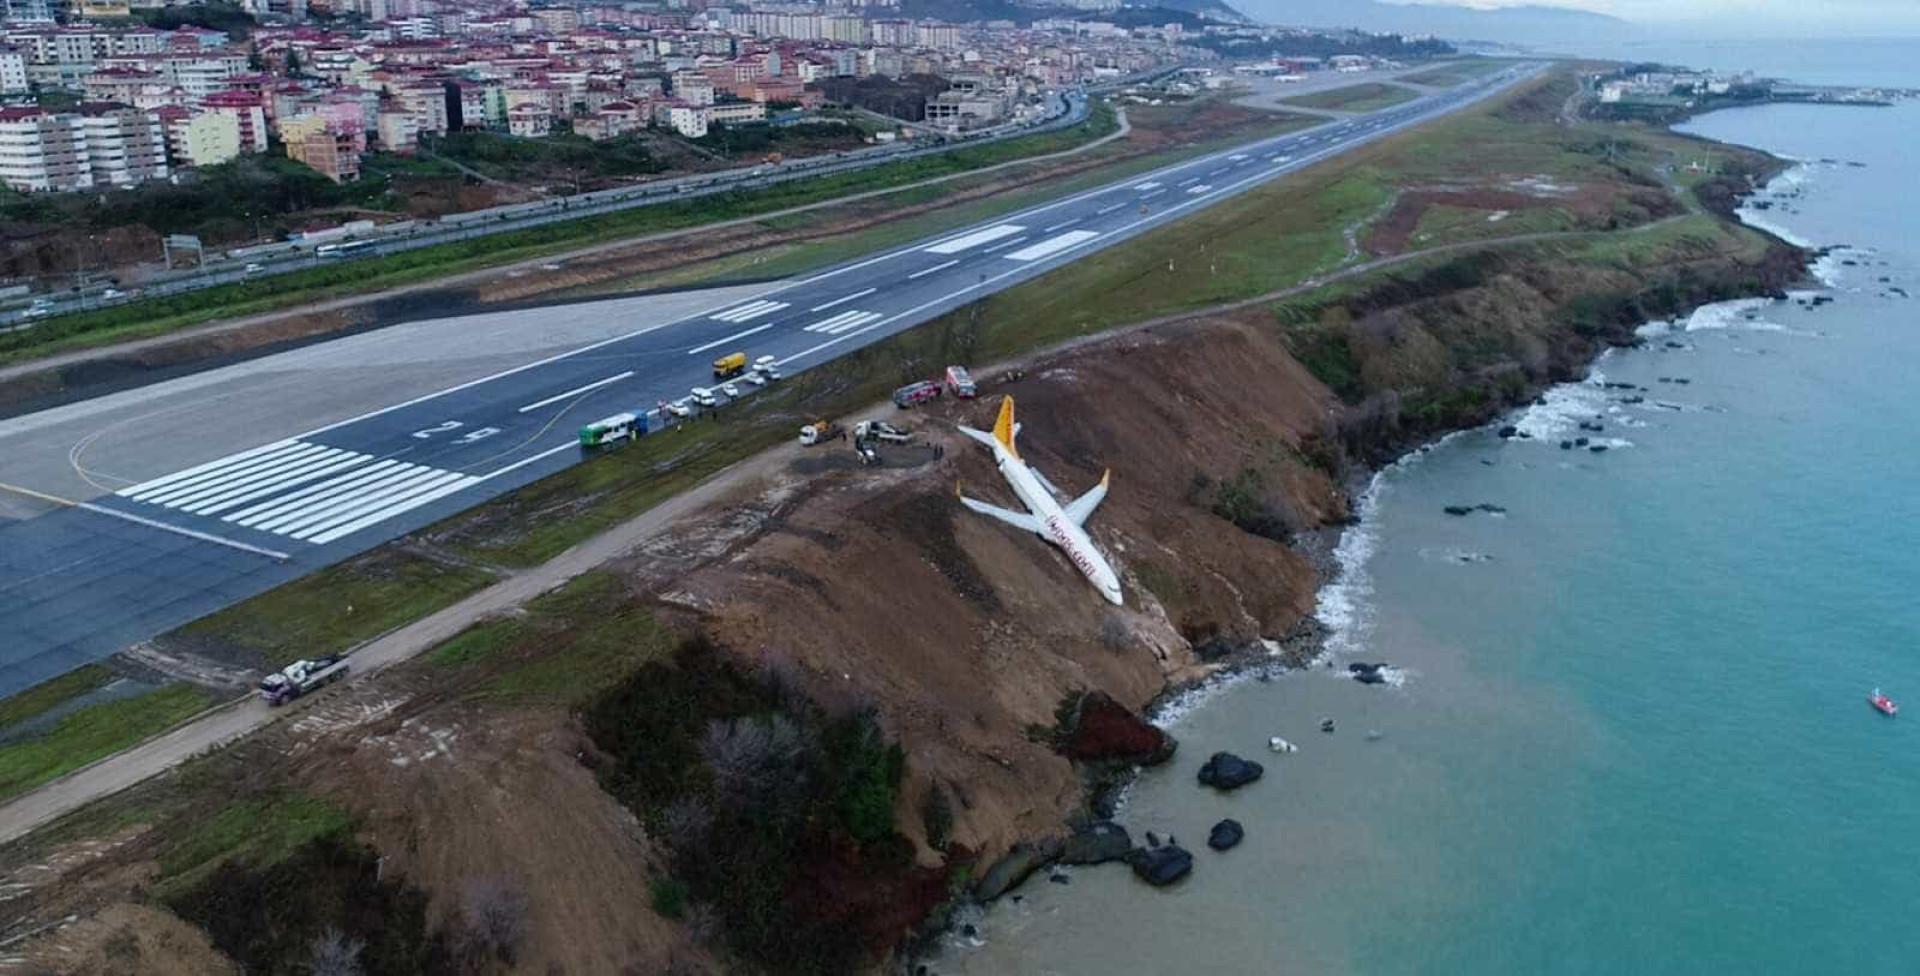 Impressionante: avião derrapa na descida e cai em barranco na Turquia